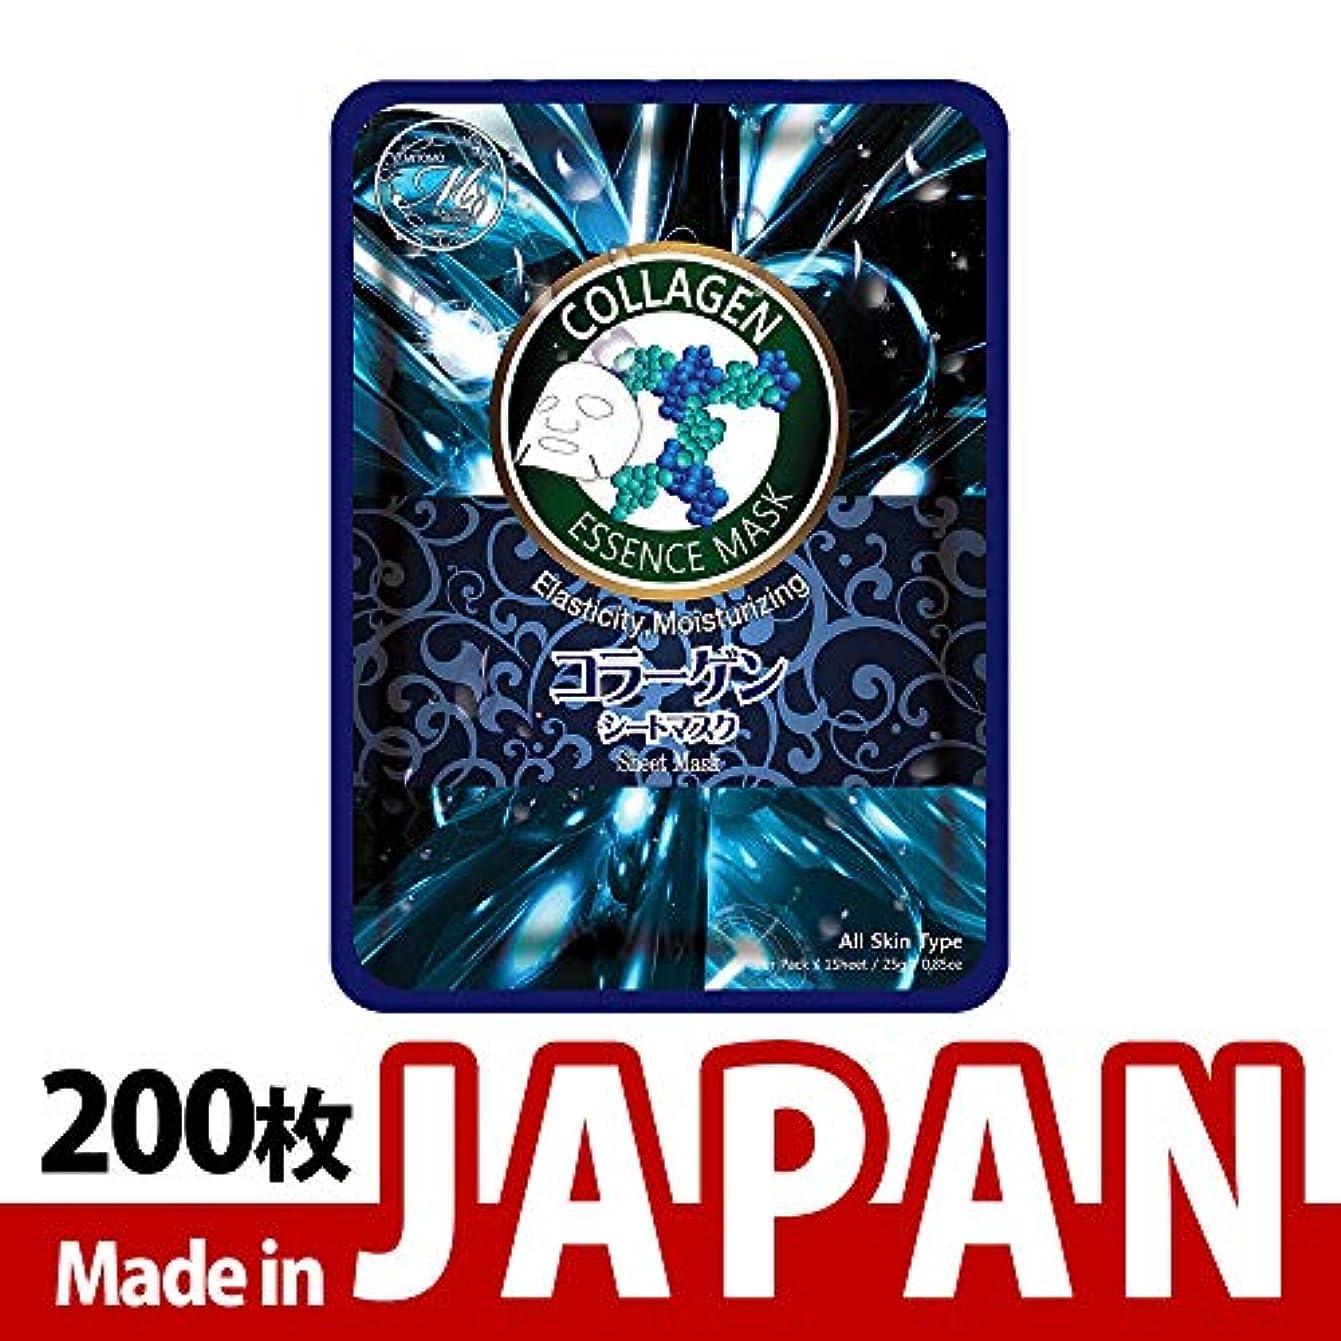 オークランドドメインつぶやき【MT612-A-2】MITOMO日本製シートマスク/10枚入り/200枚/美容液/マスクパック/送料無料